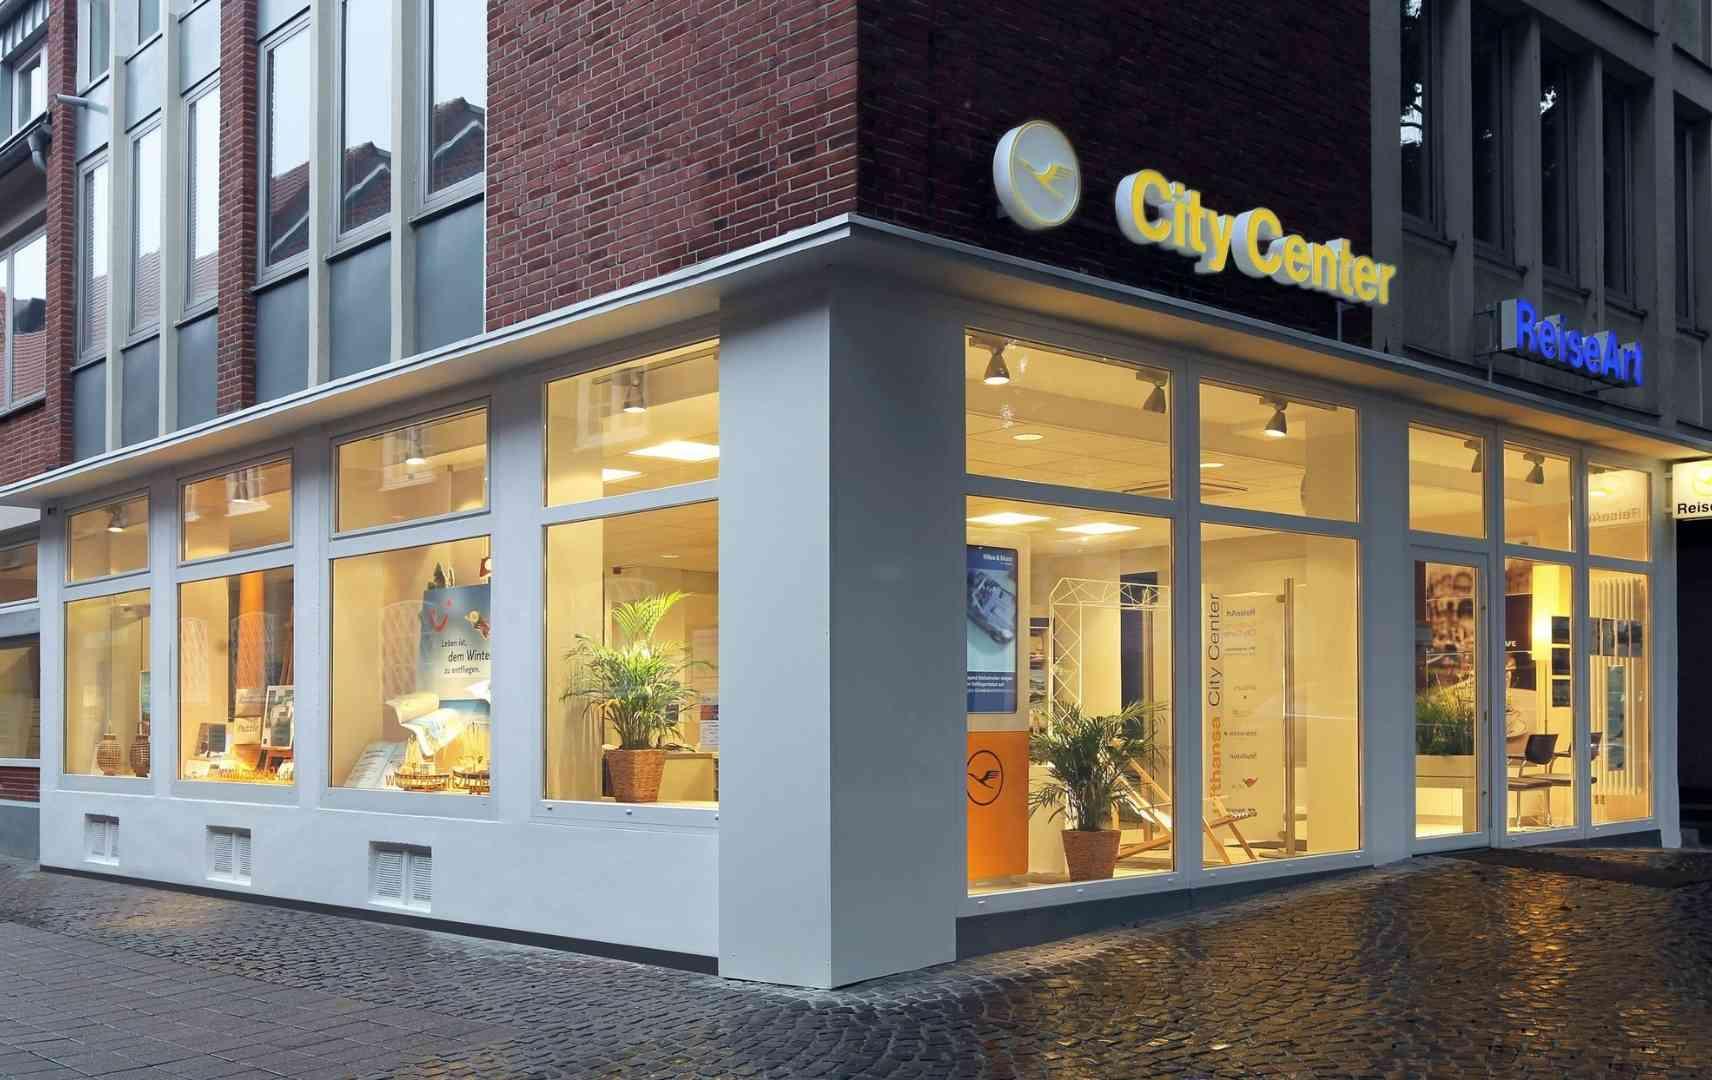 Reisebüro Reiseart 24 Münster Büro Außenansicht